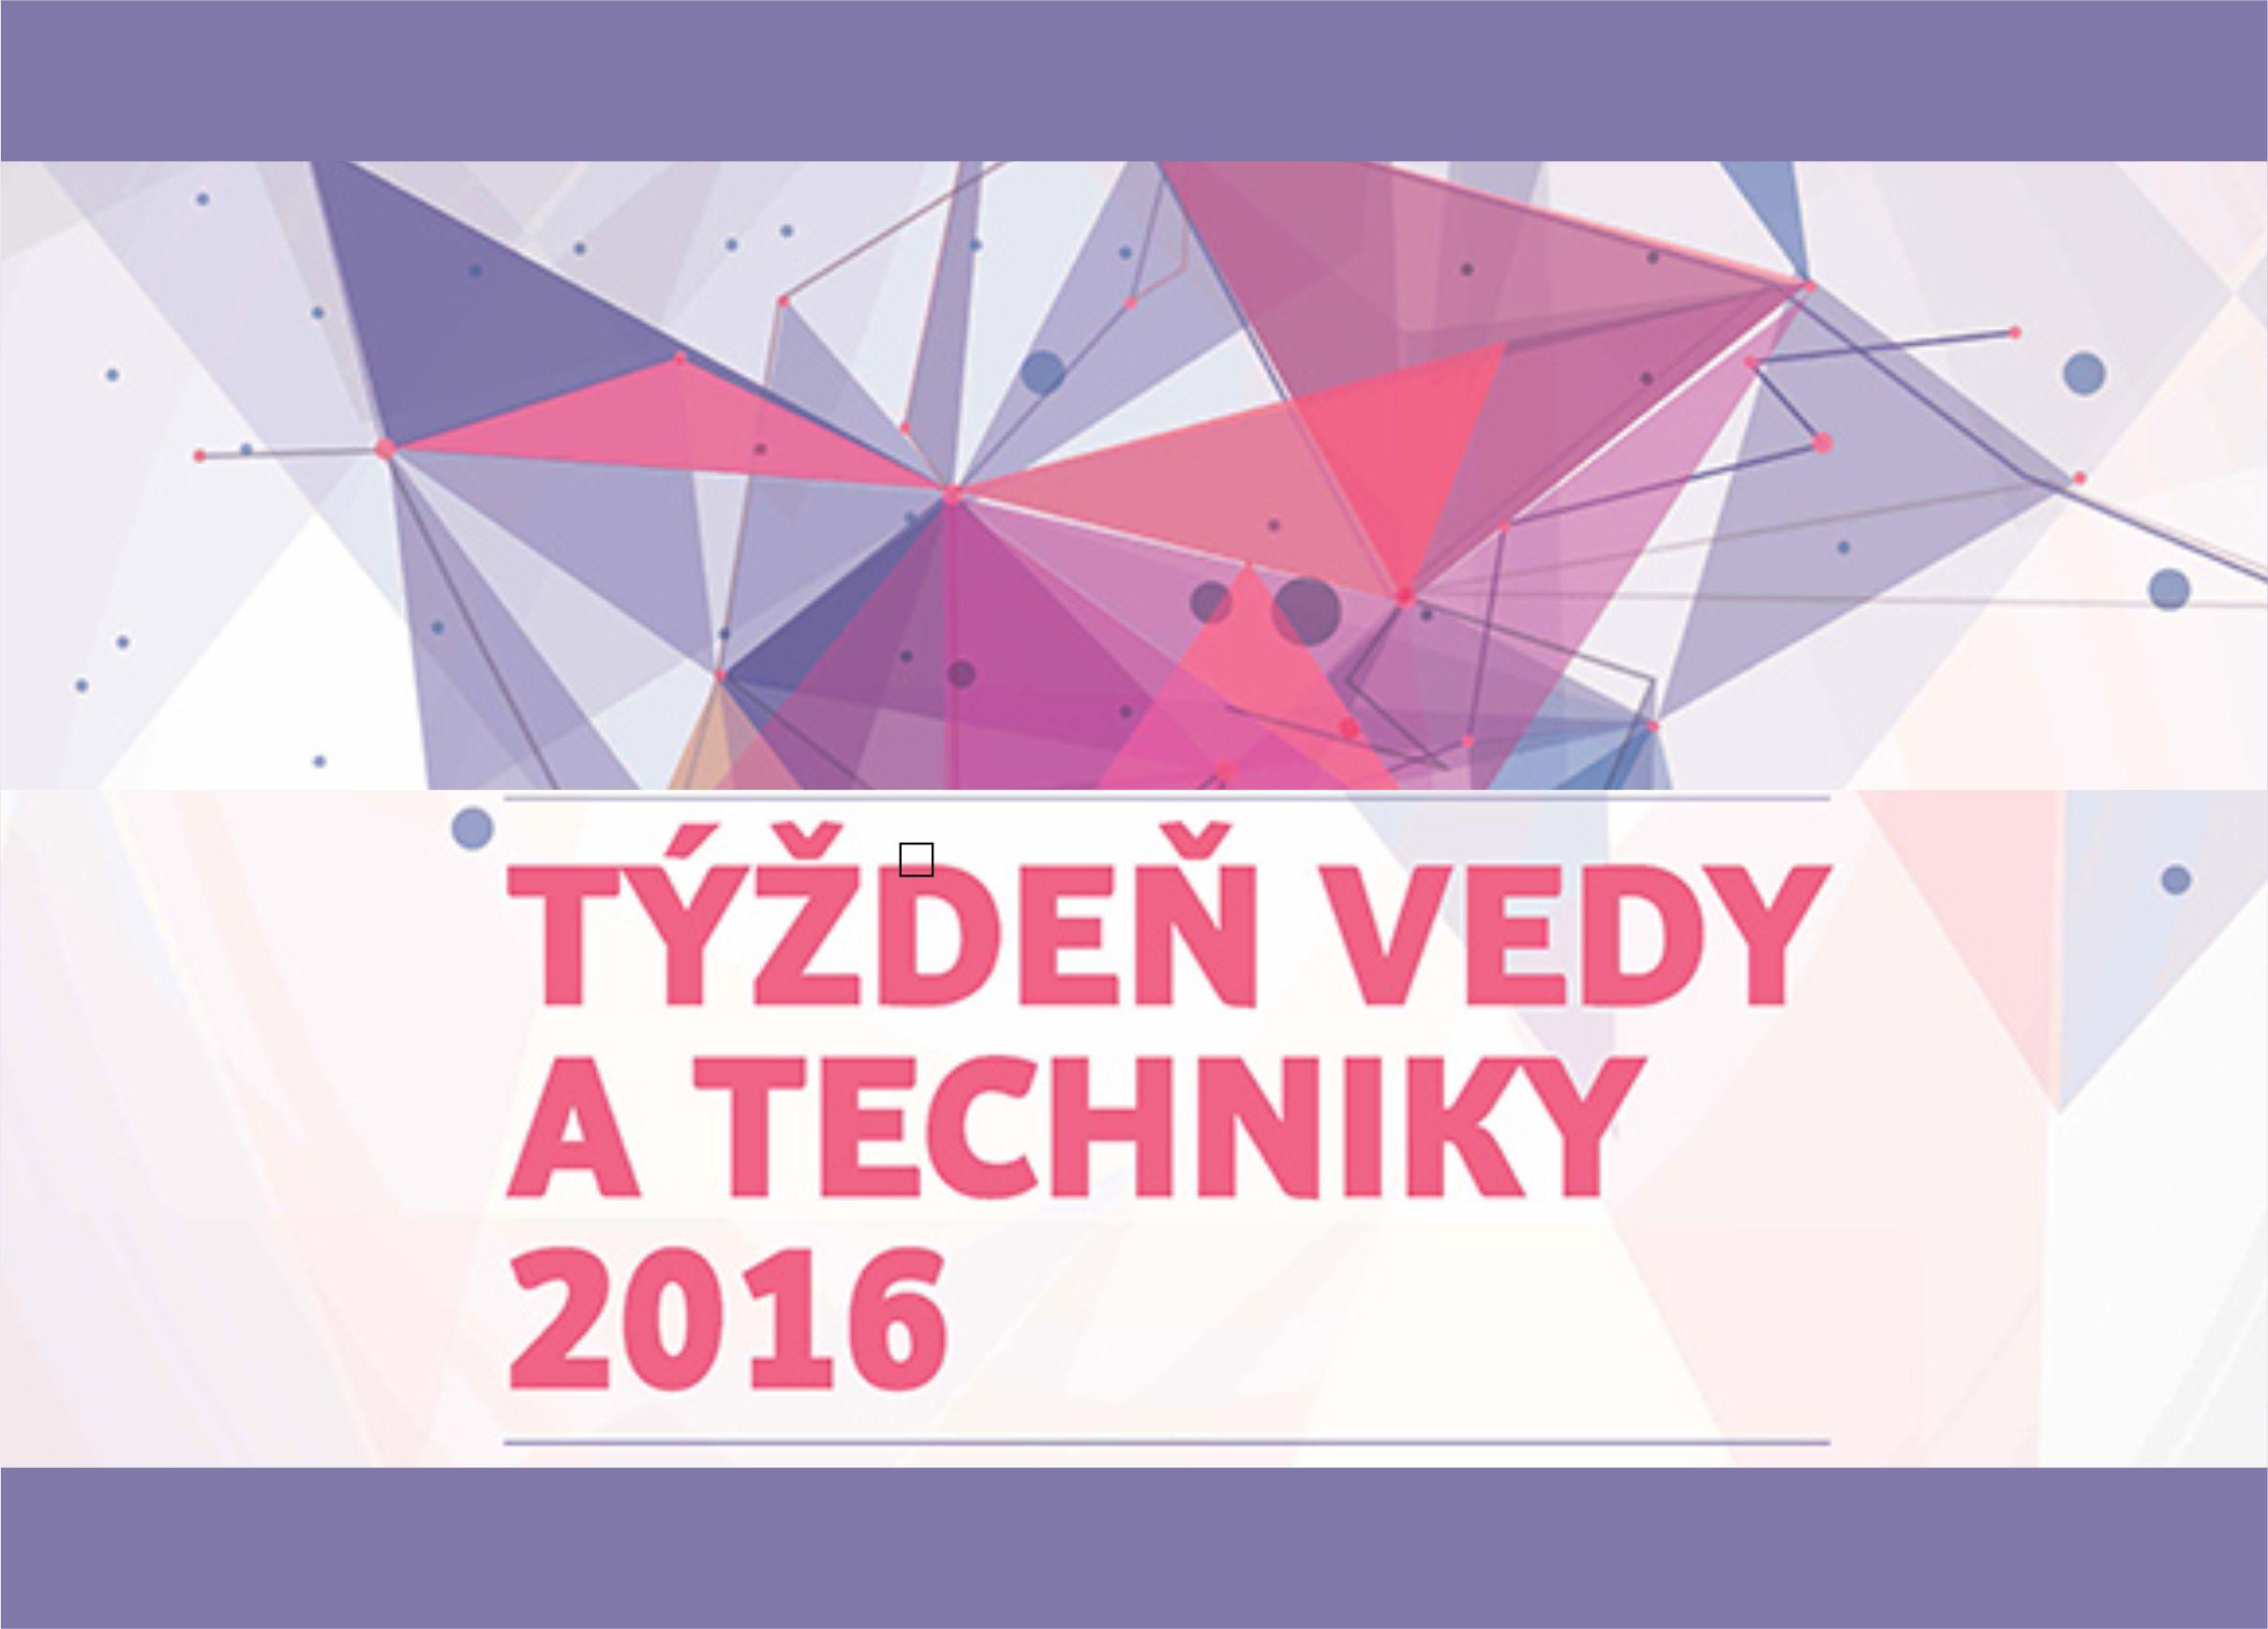 e23daffa2770d Začal sa Týždeň vedy a techniky na Slovensk - Kam v meste | moja Nitra